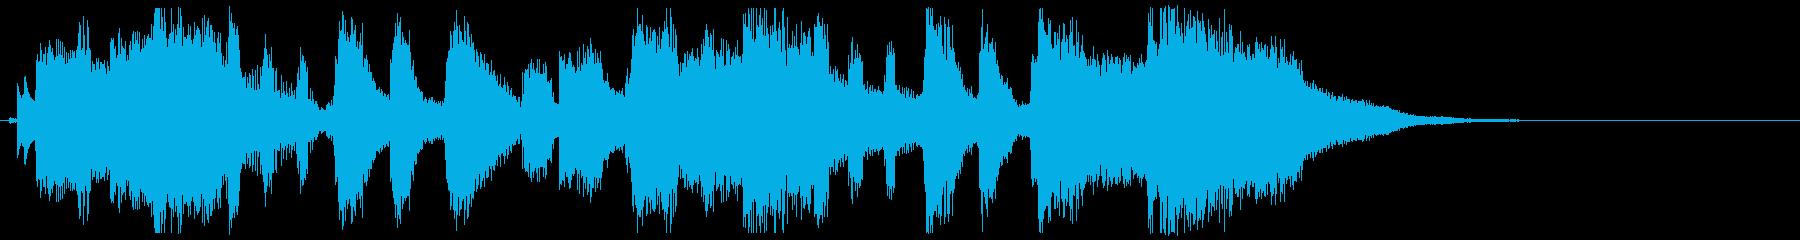 ポップ.キュート.ピアノと歌.ジングルの再生済みの波形